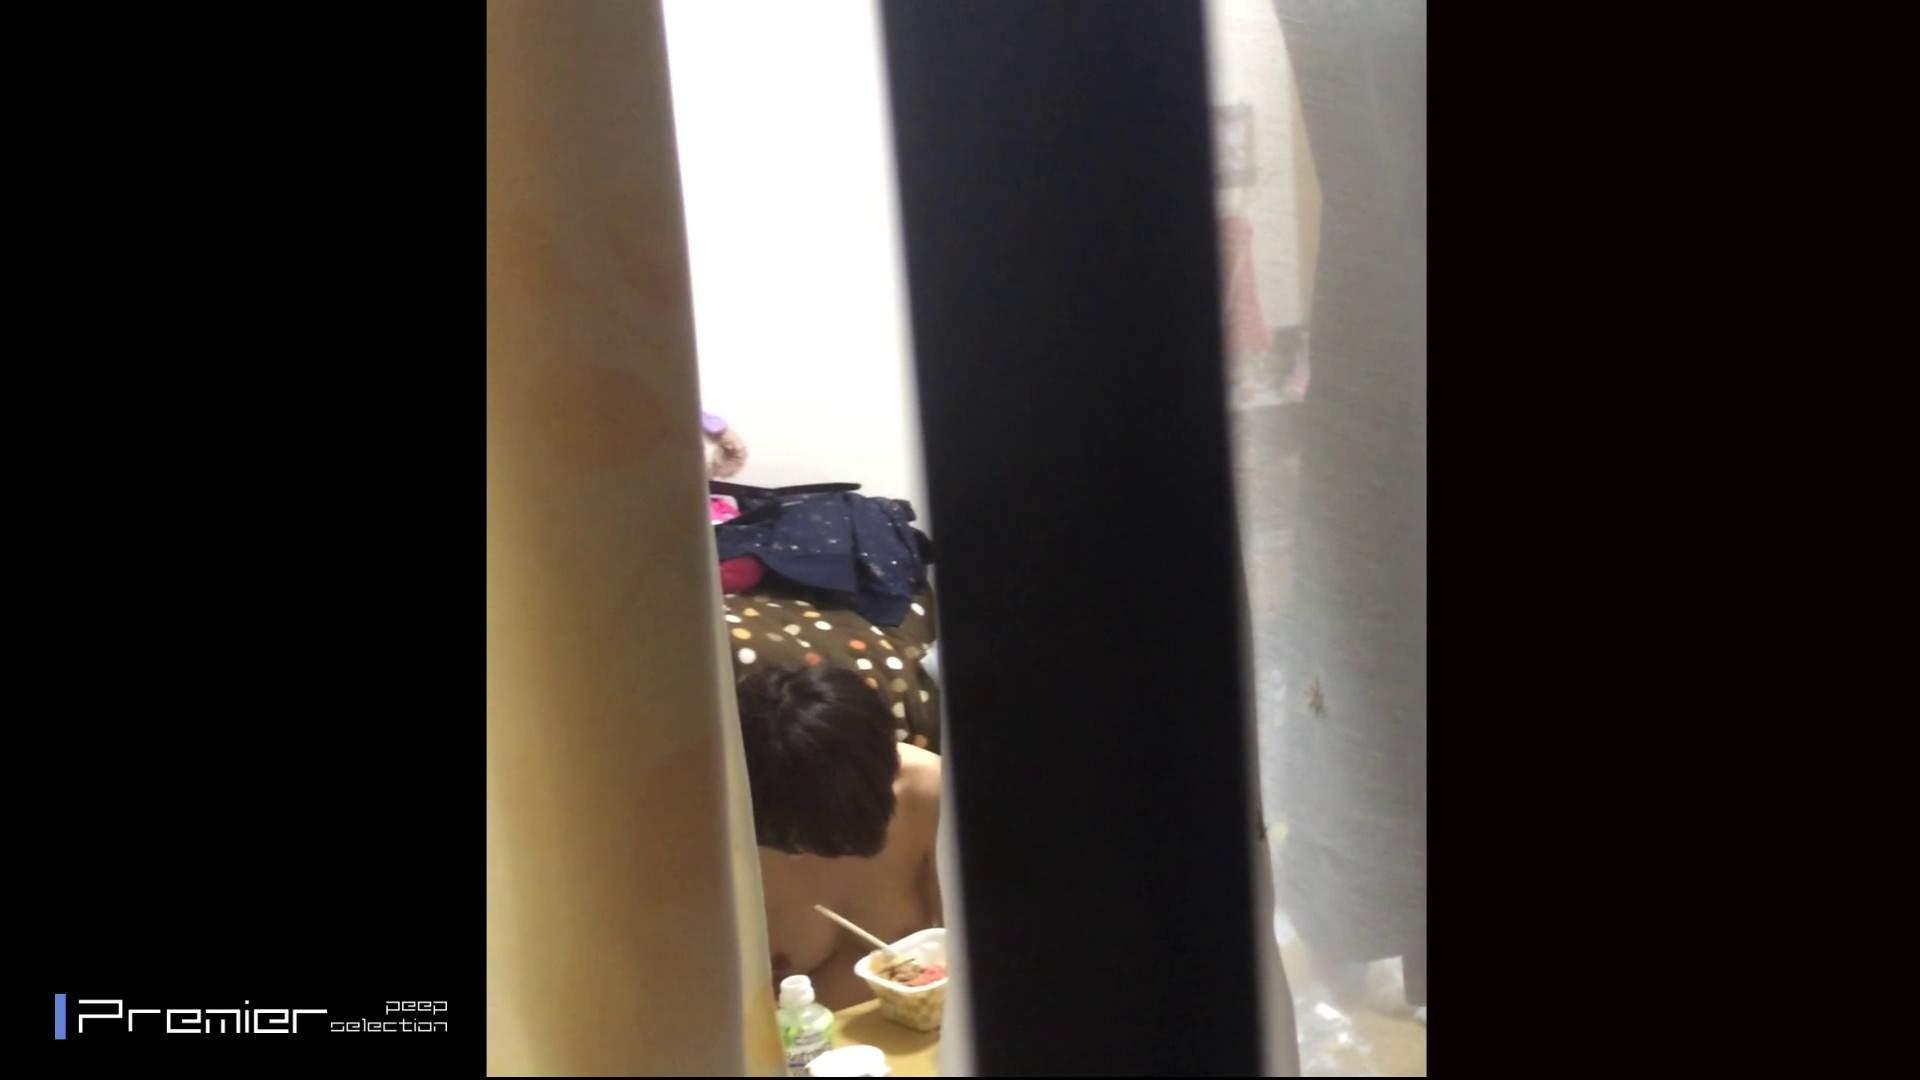 眼鏡美女の食事を隠し撮り 乙女の風呂場 Vol.05 桃色乳首 オメコ動画キャプチャ 96枚 85